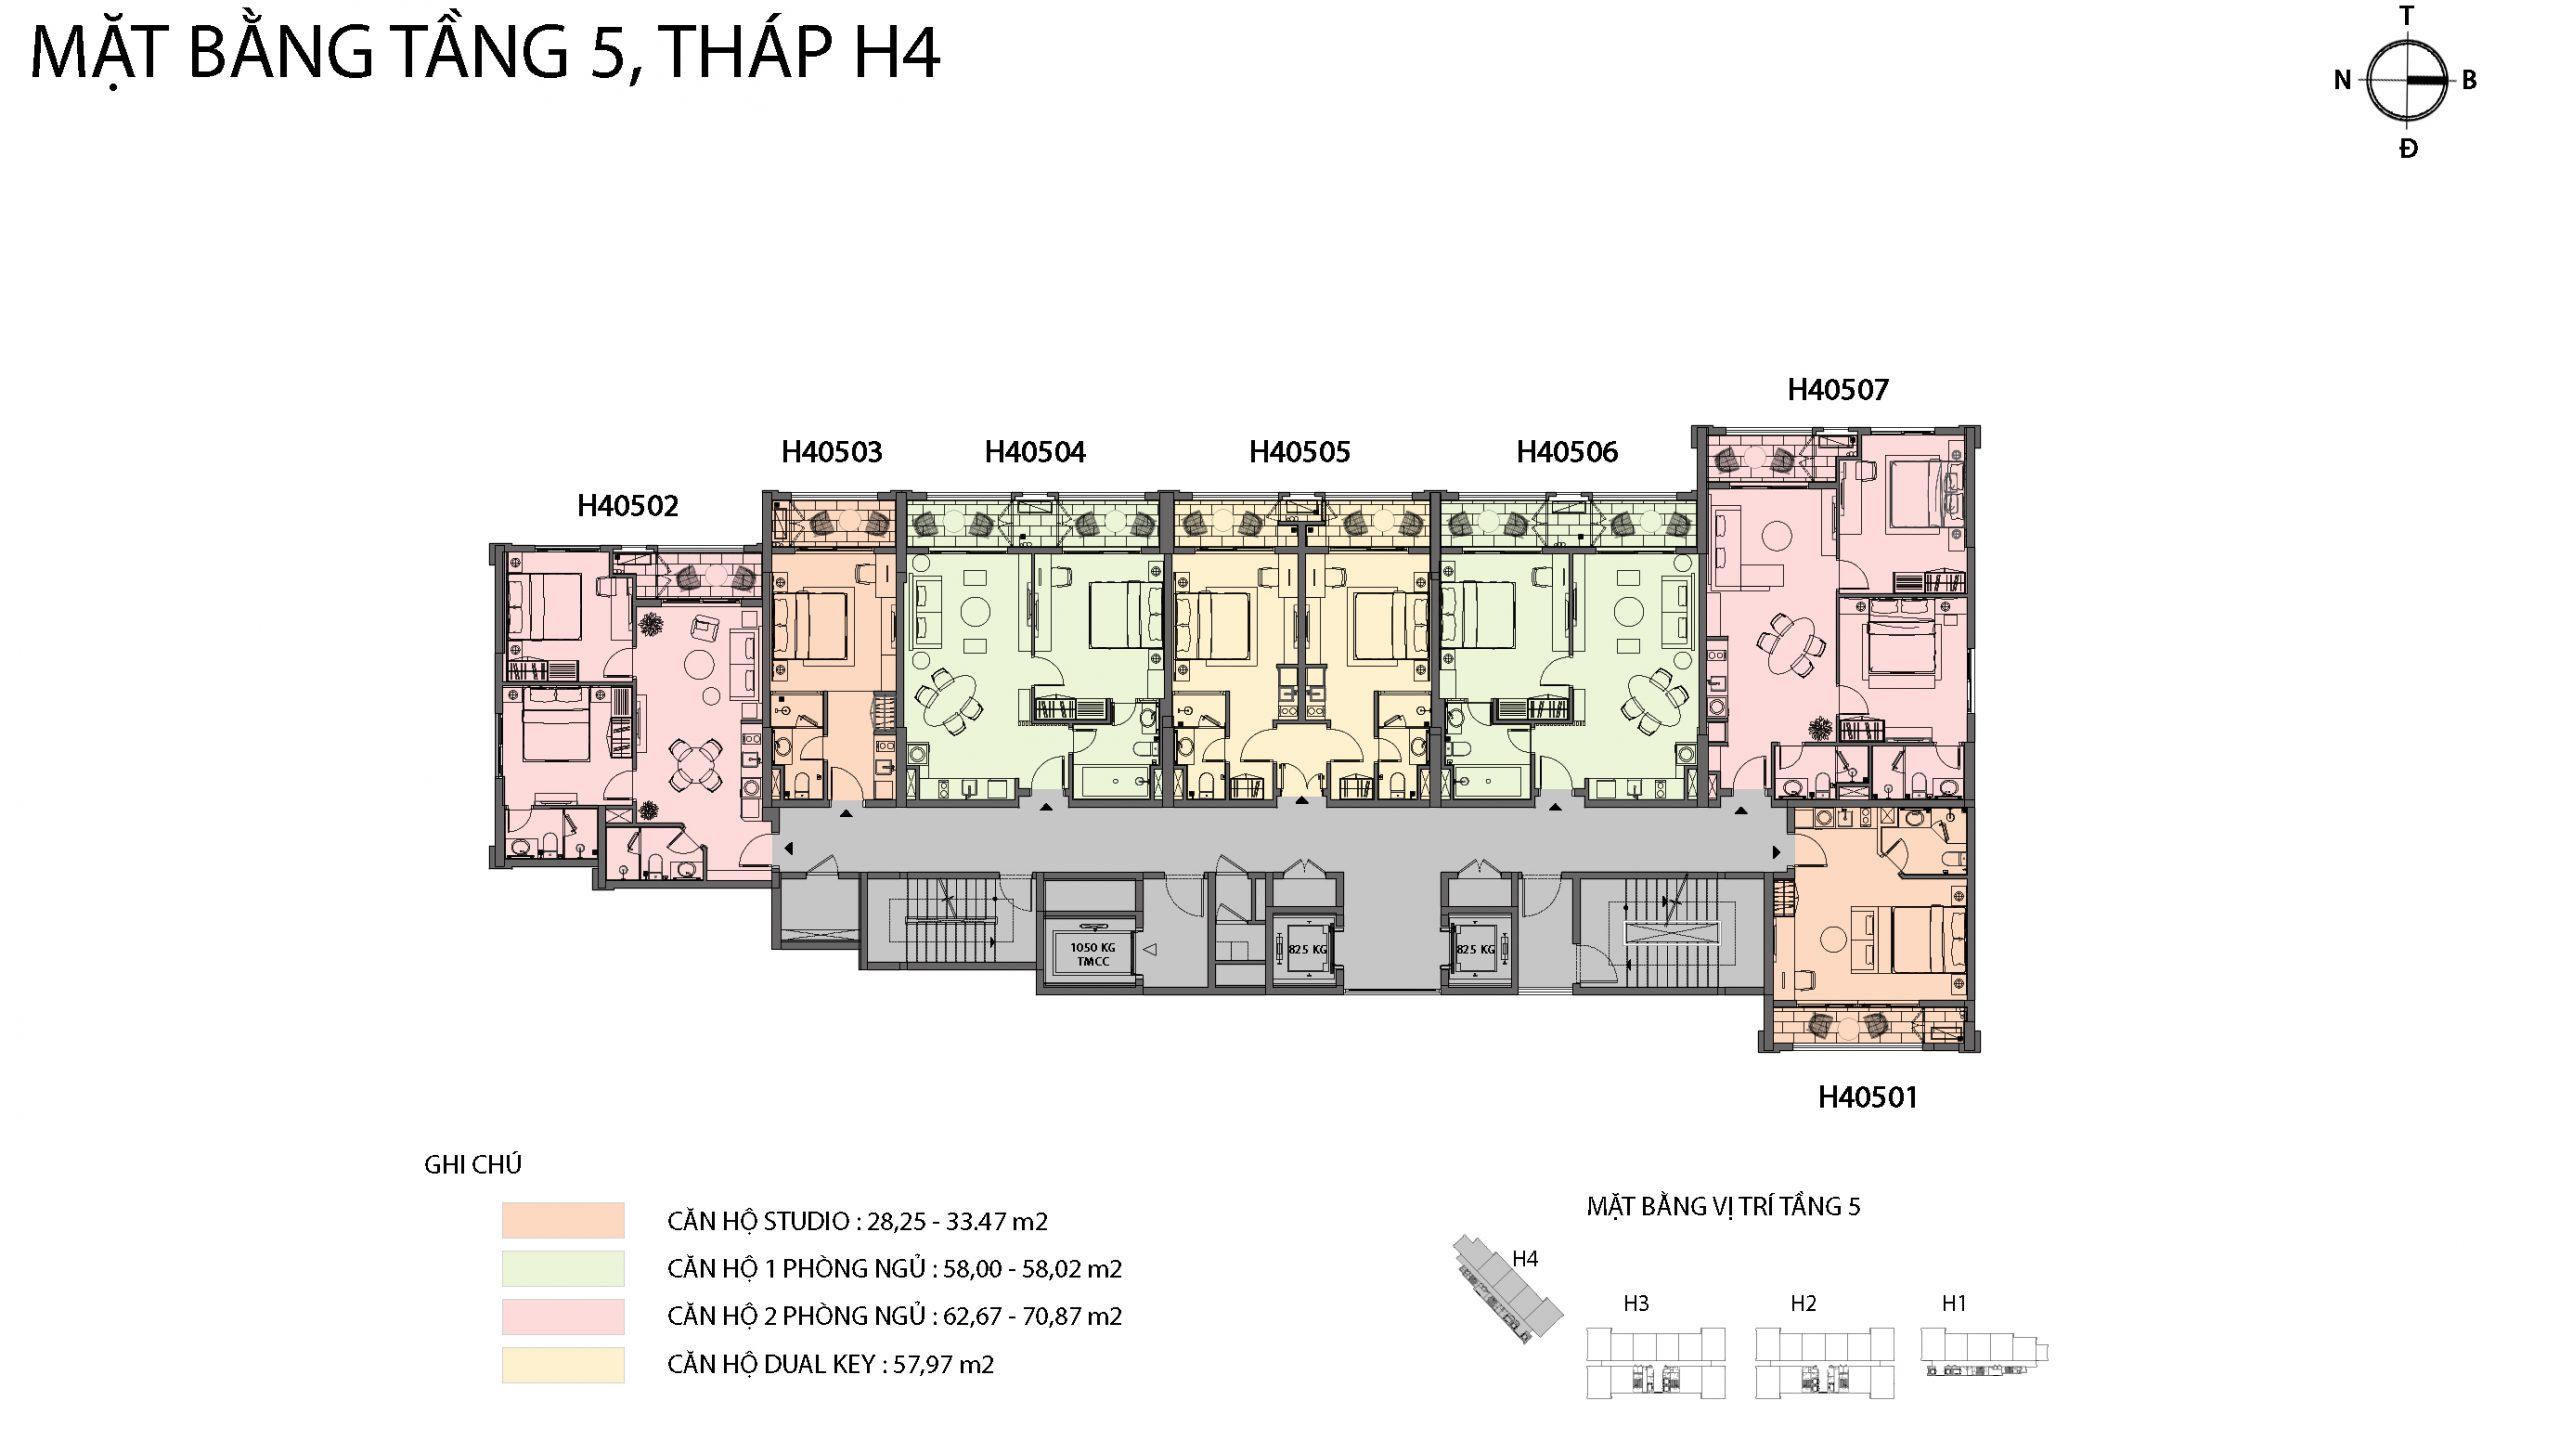 Mặt bằng chi tiết tòa căn hộ H4 - Sun Grand City Hillside Residence 3